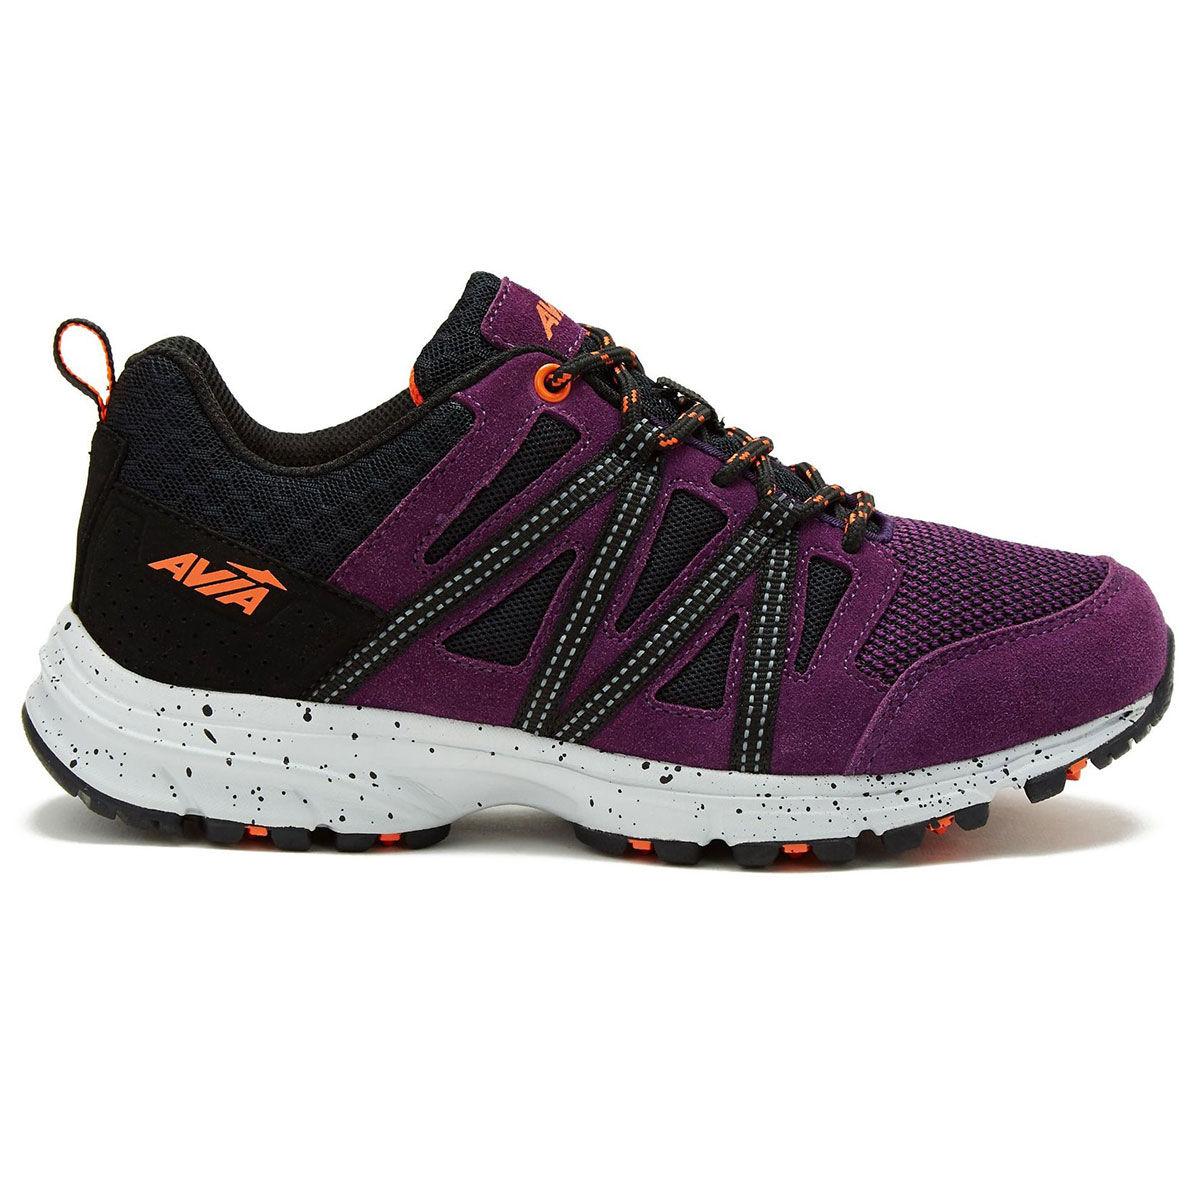 Avia Women's Avi-Vertex Walking Shoes - Purple, 8